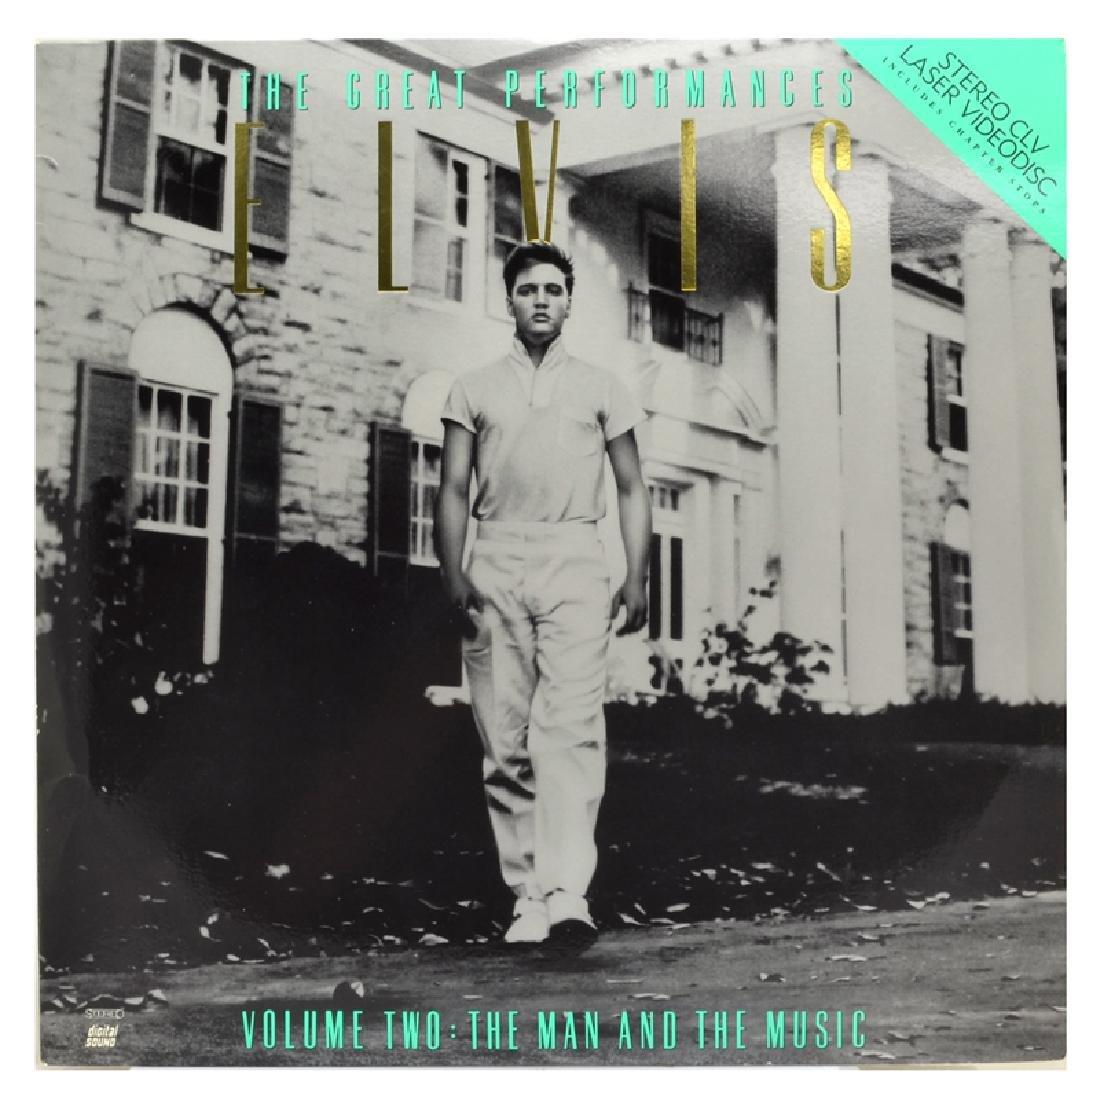 Rare Original Vintage Laser Disc 'Elvis The Great